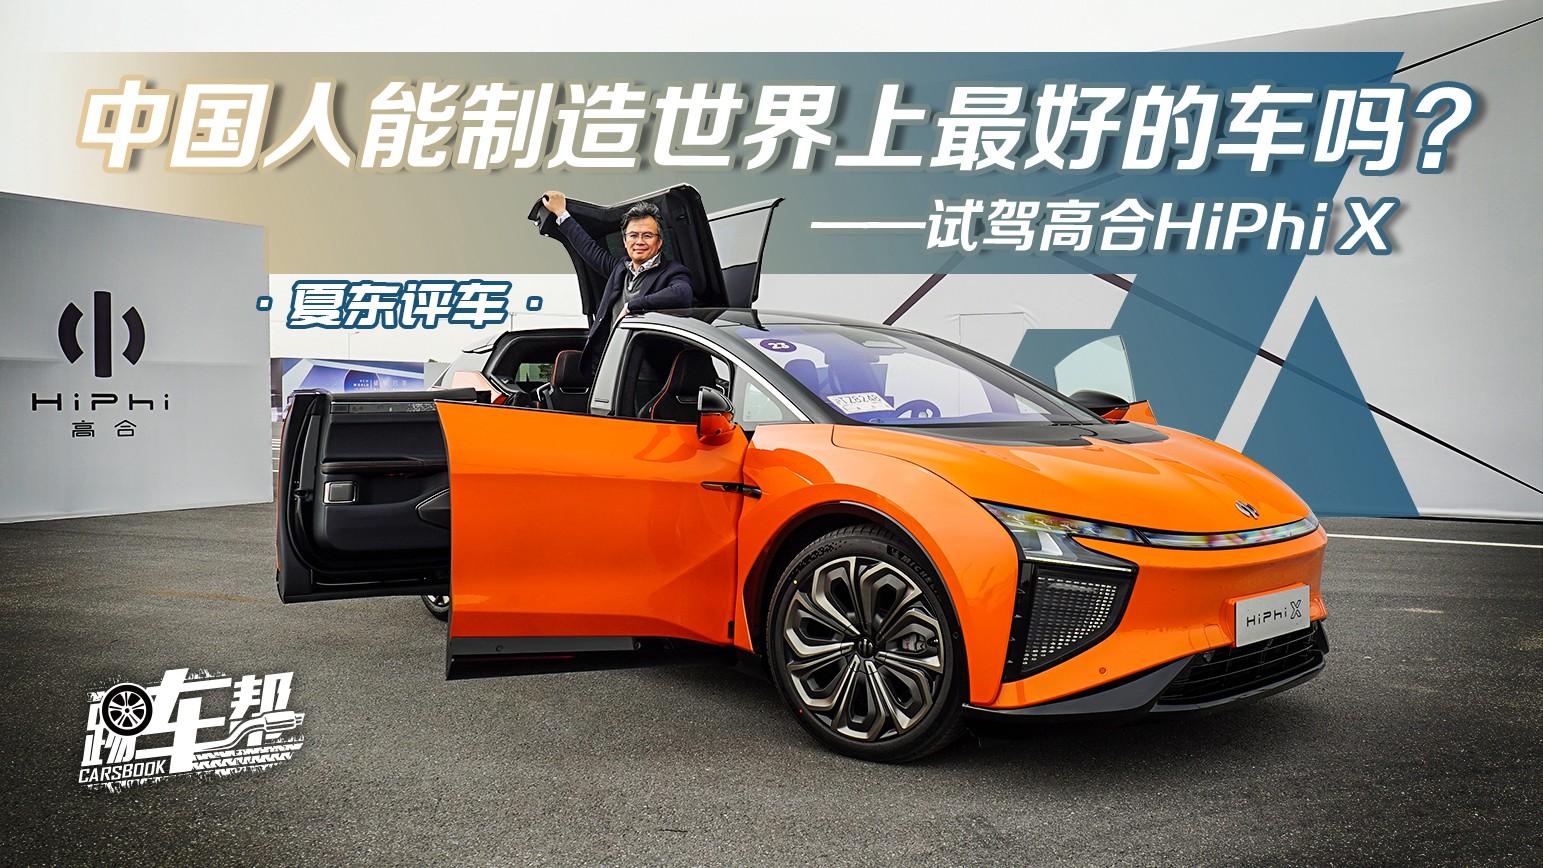 《夏东评车》中国人能制造世界上最好的车吗?试驾高合HiPhi X